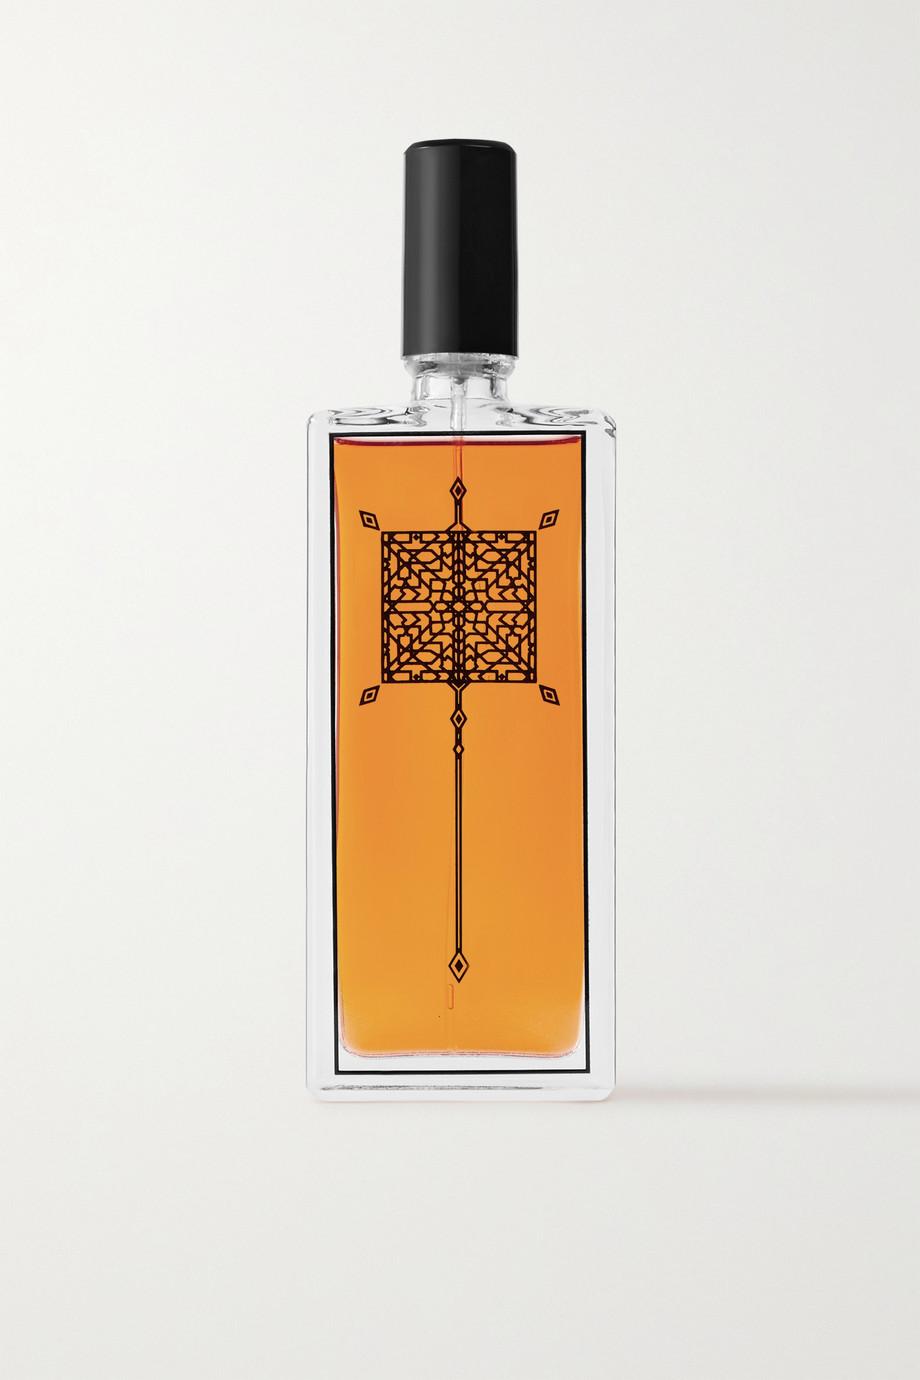 Serge Lutens Eau de Parfum - Fleurs D'Oranger, 50ml